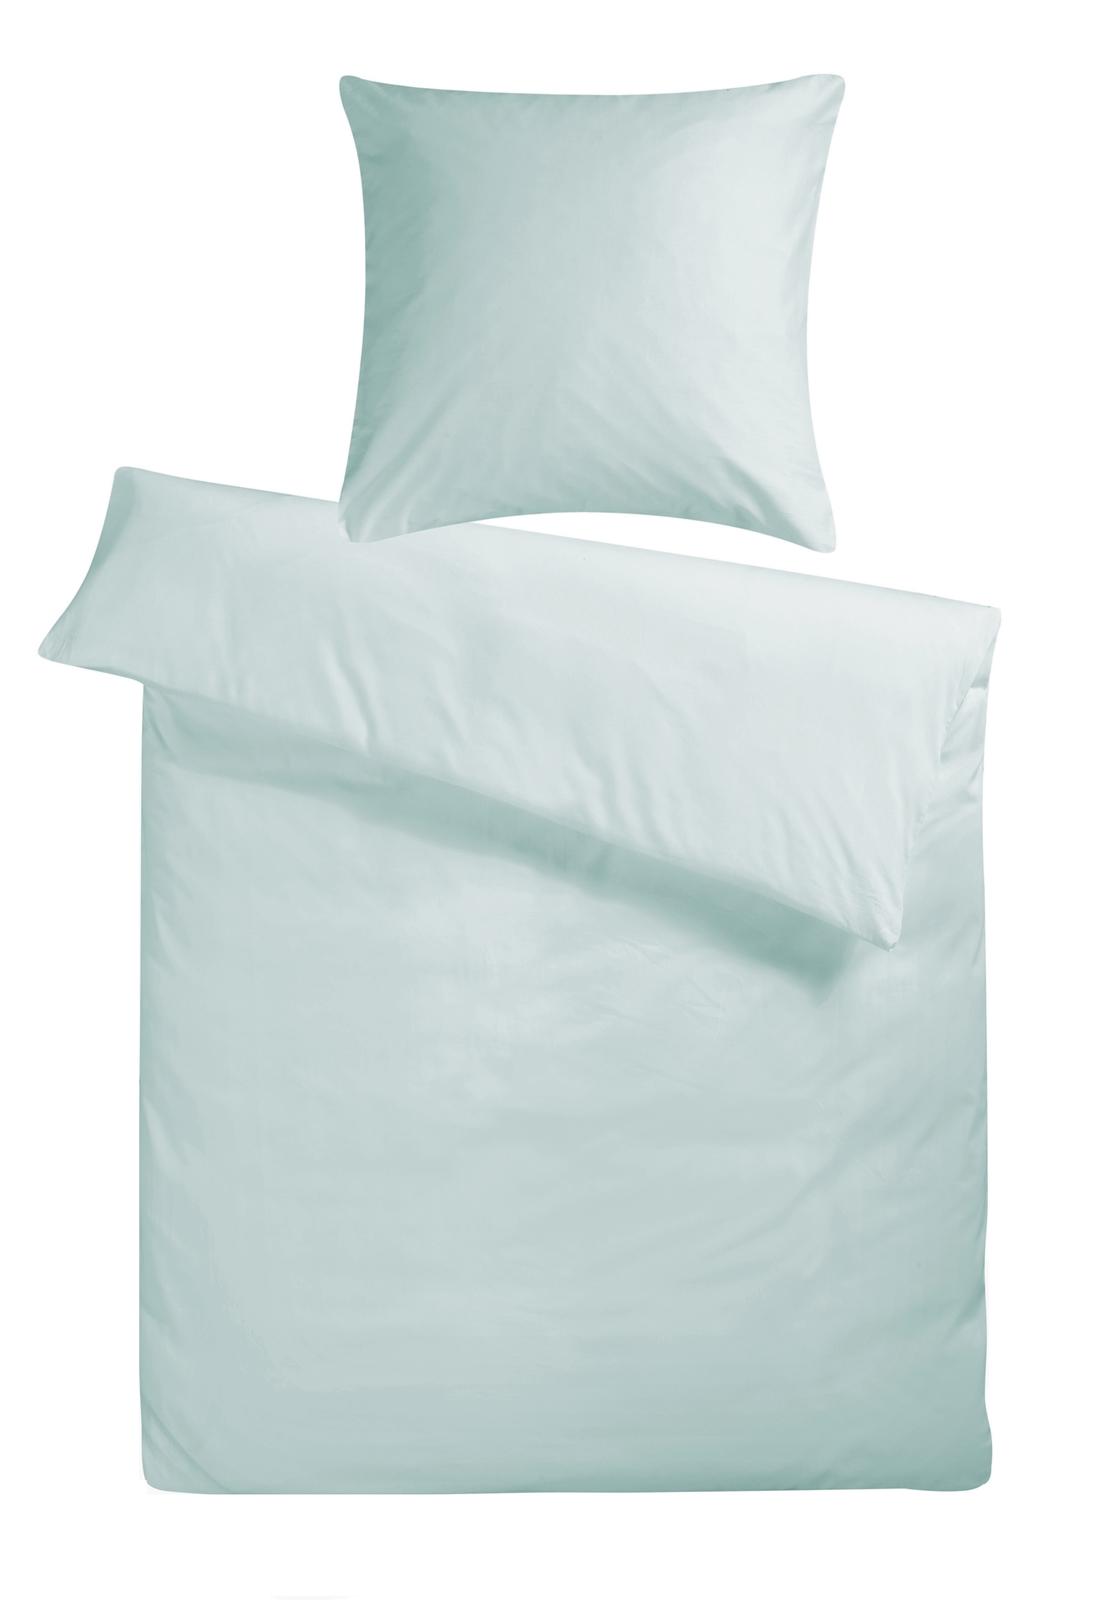 biber bettw sche gletscher blau uni aus 100 baumwolle. Black Bedroom Furniture Sets. Home Design Ideas